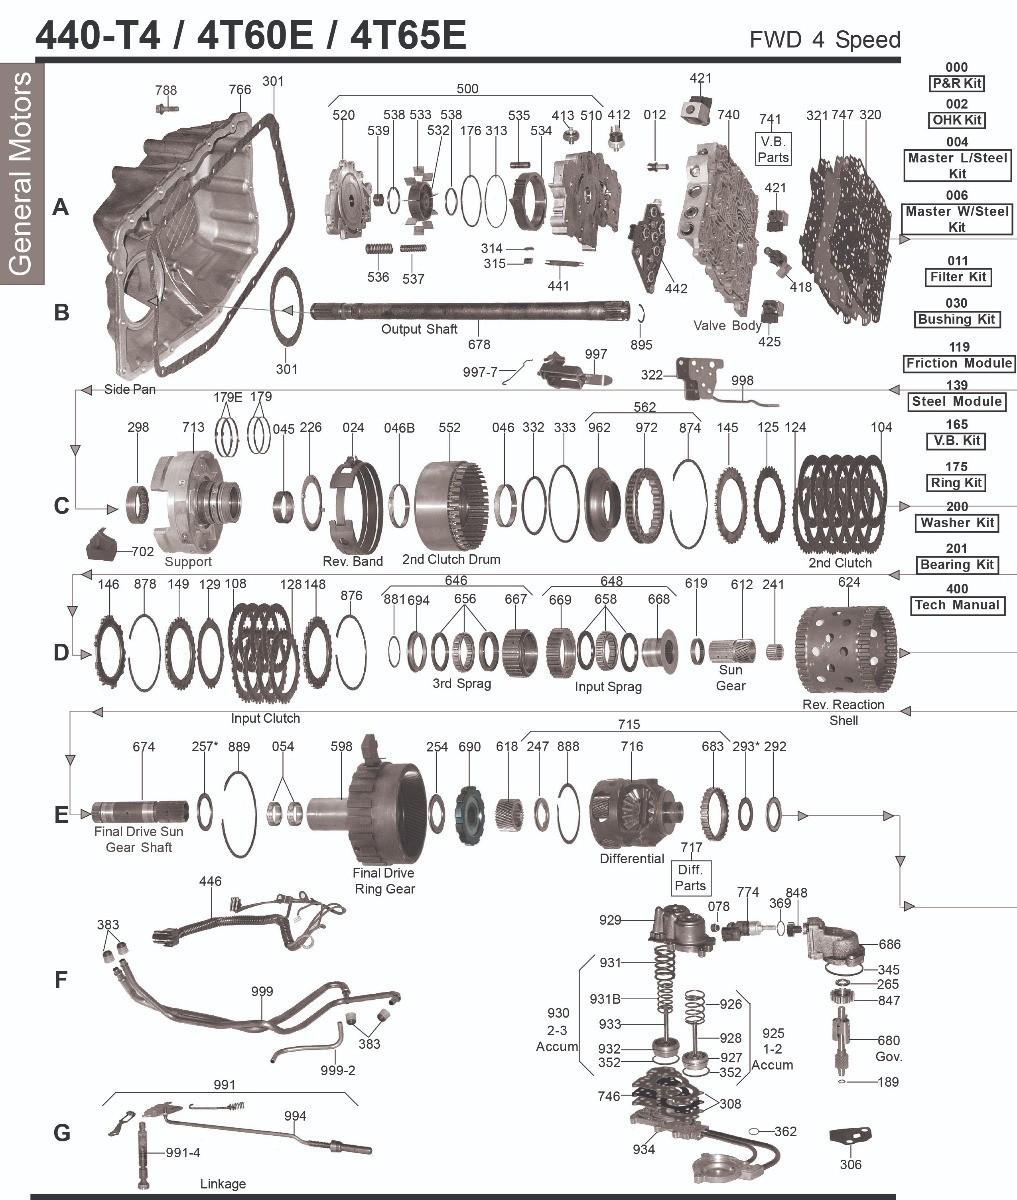 440-T4 (4T60) | 4T60E | 4T65E - General Motors - AutomaticNorcal Transmission Parts Inc.